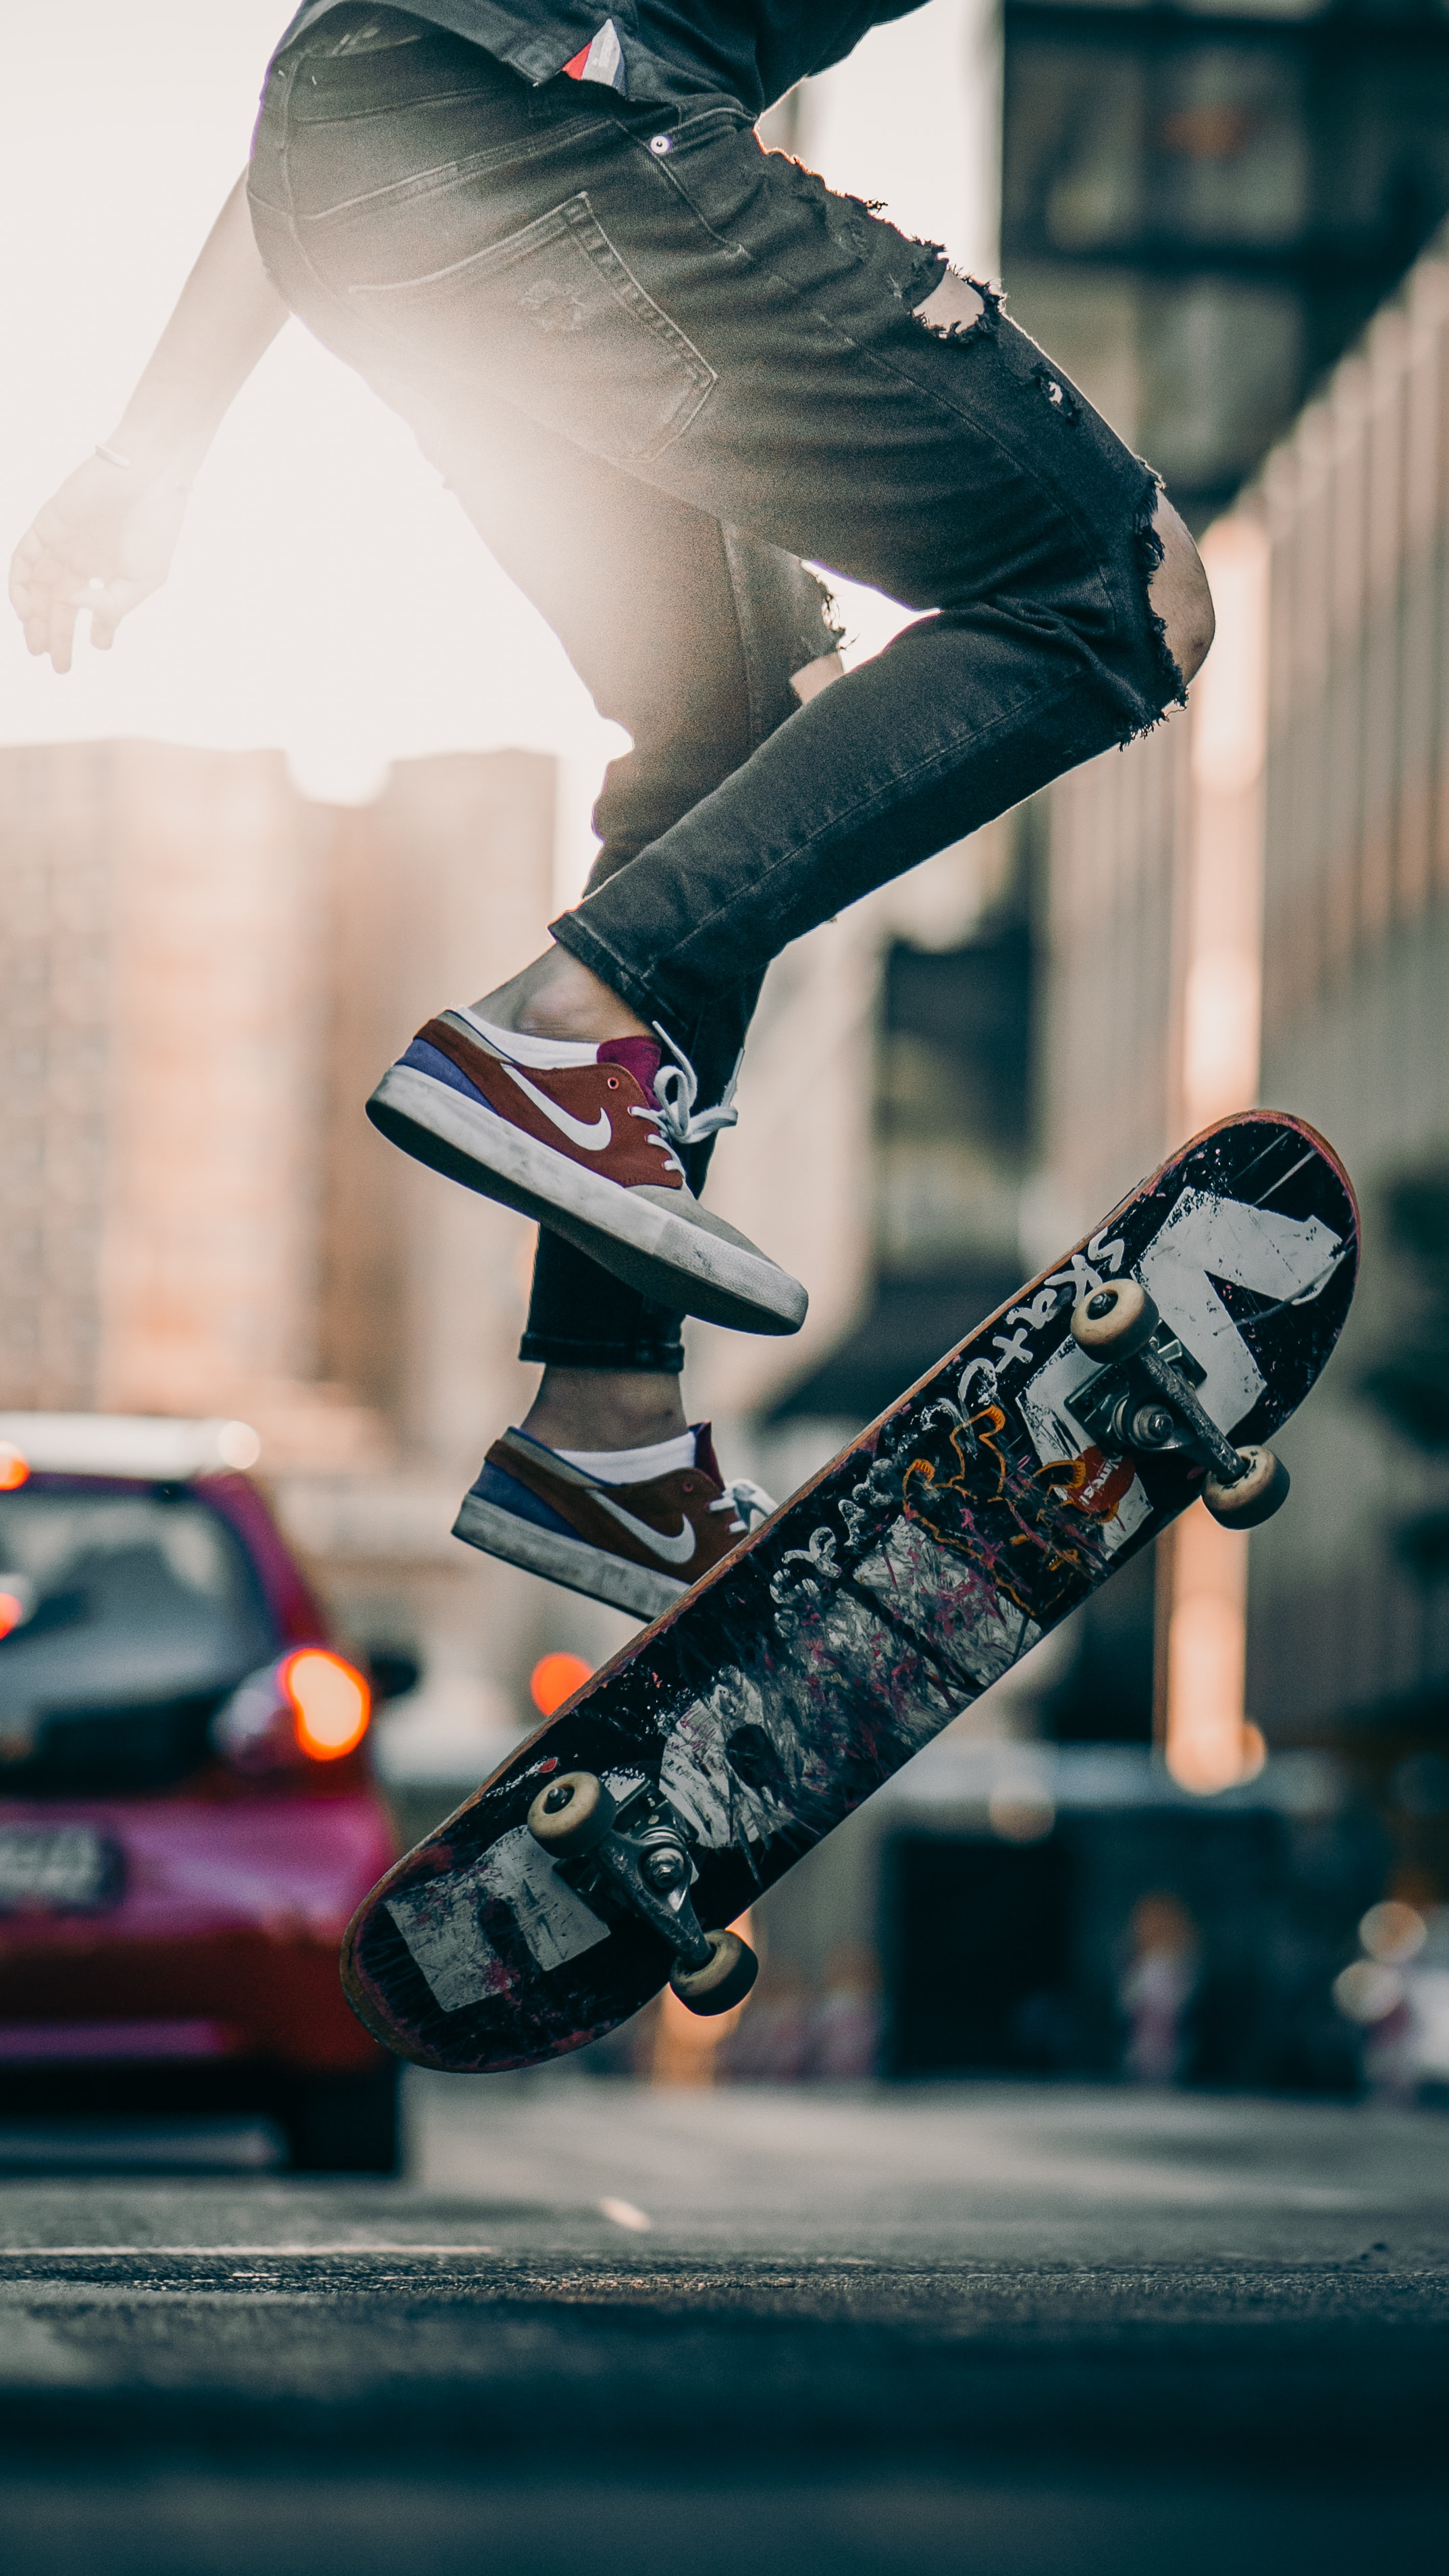 83767 скачать обои Разное, Скейтборд, Ноги, Кроссовки, Прыжок, Трюк - заставки и картинки бесплатно